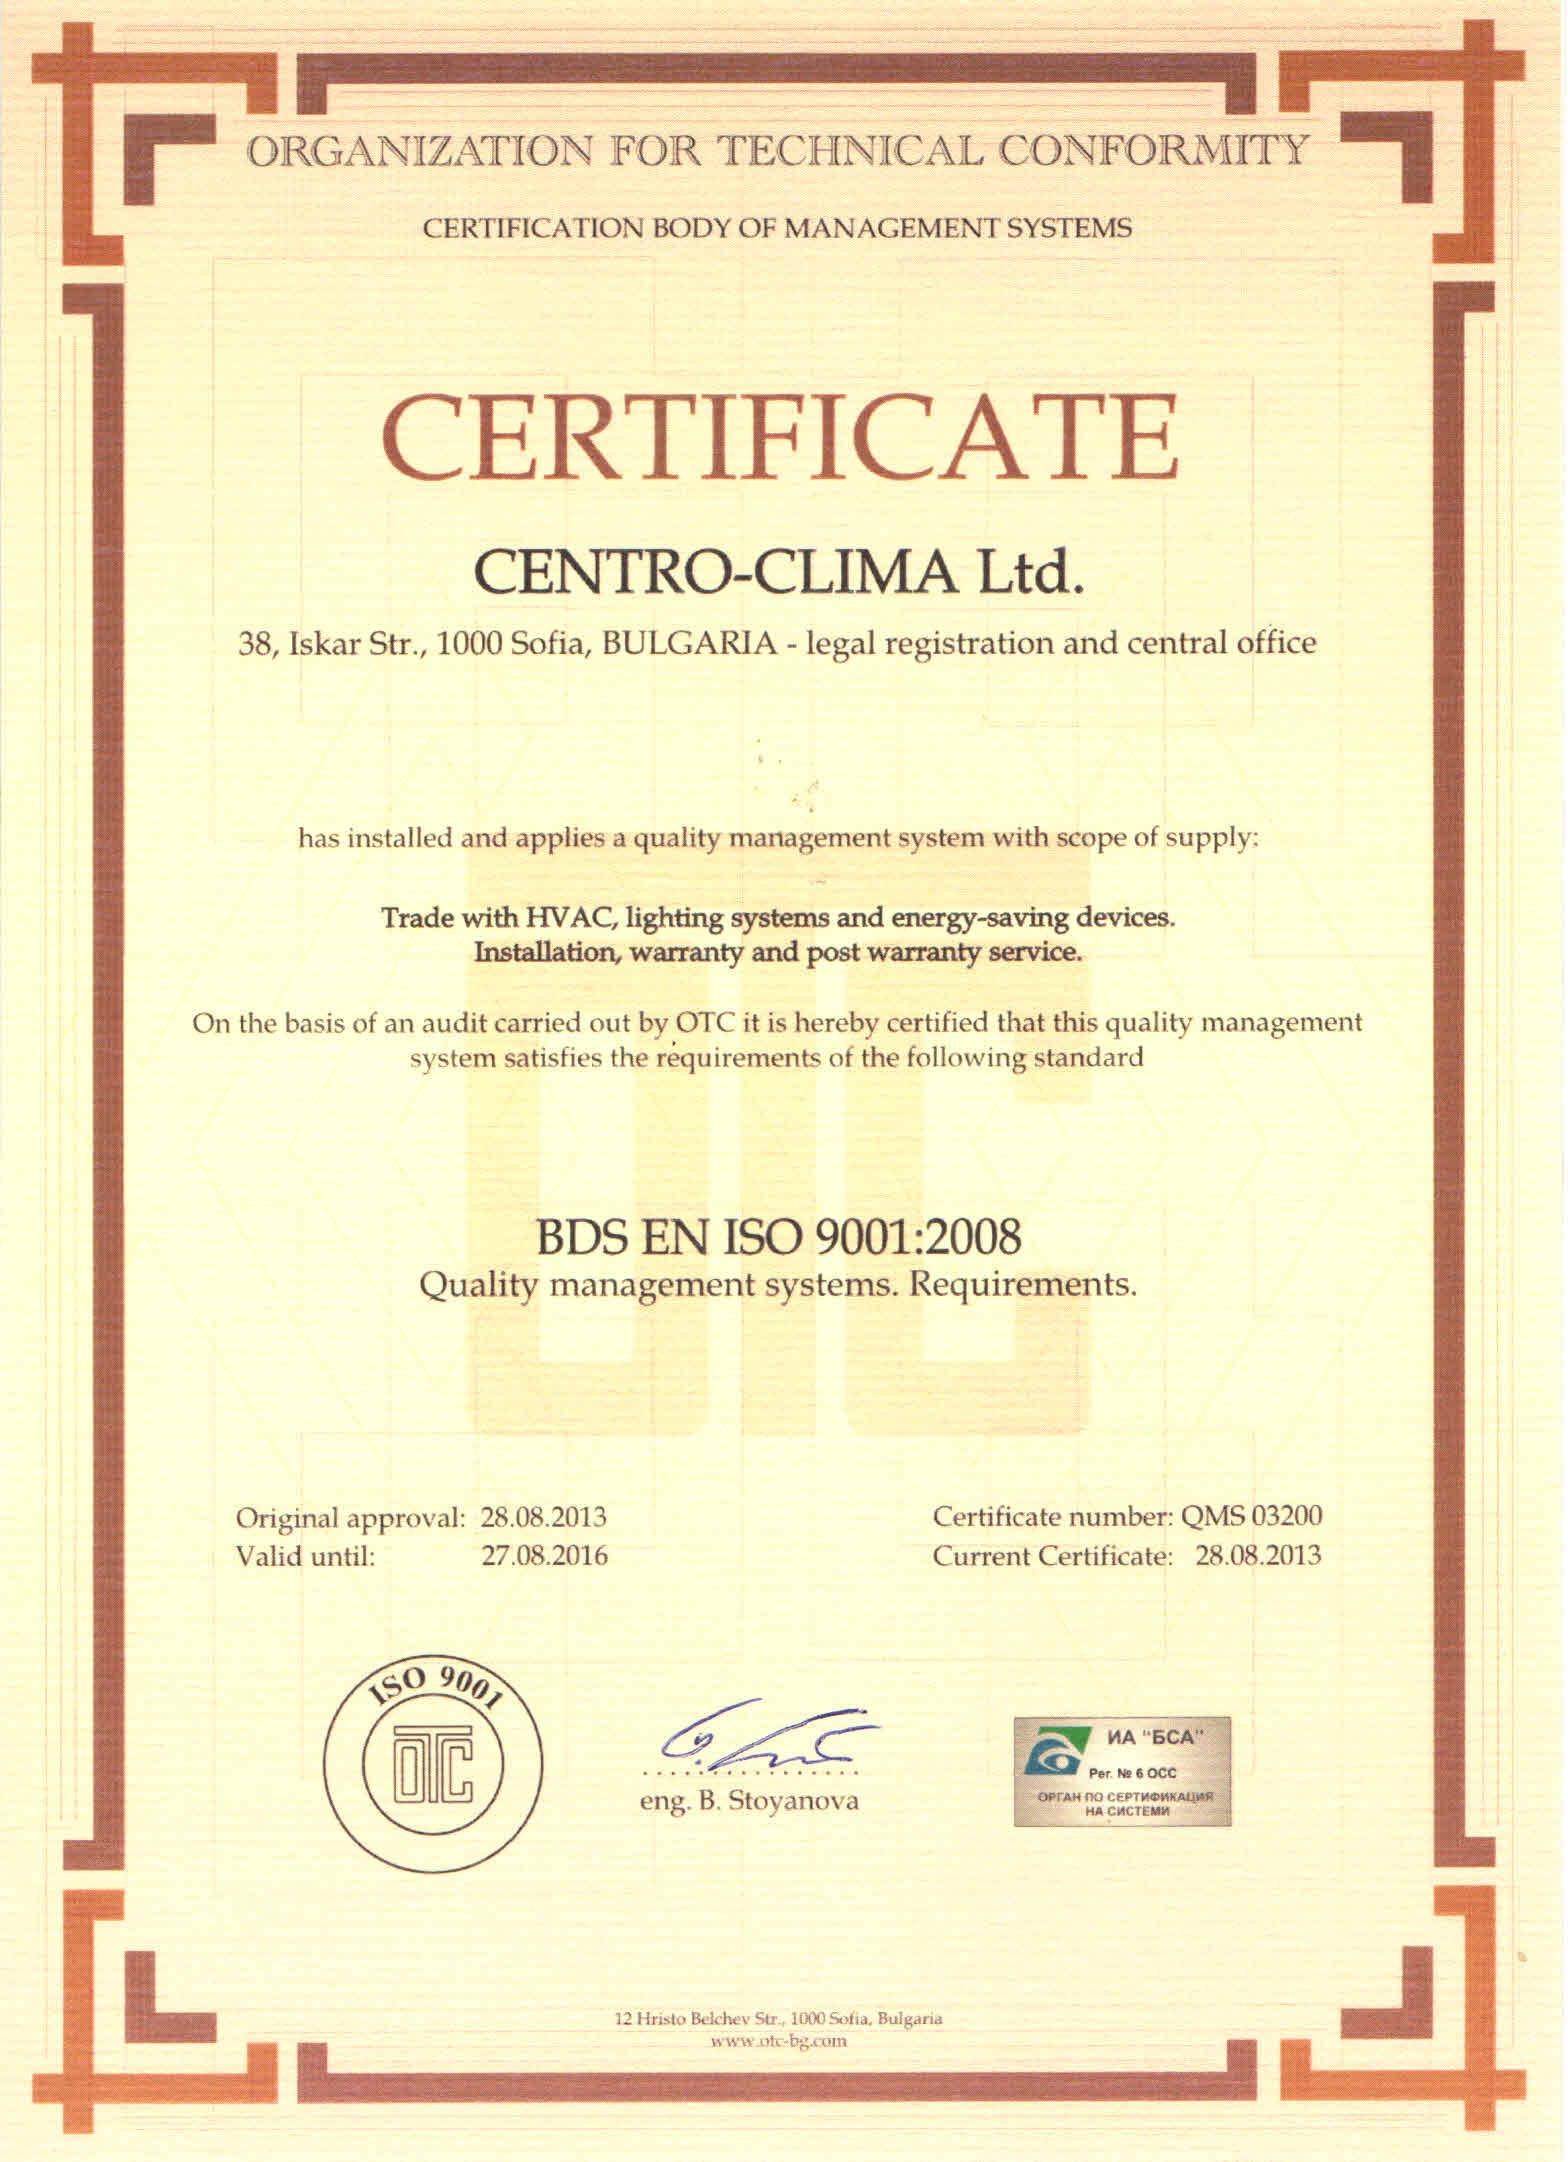 Centro Clima Ltd